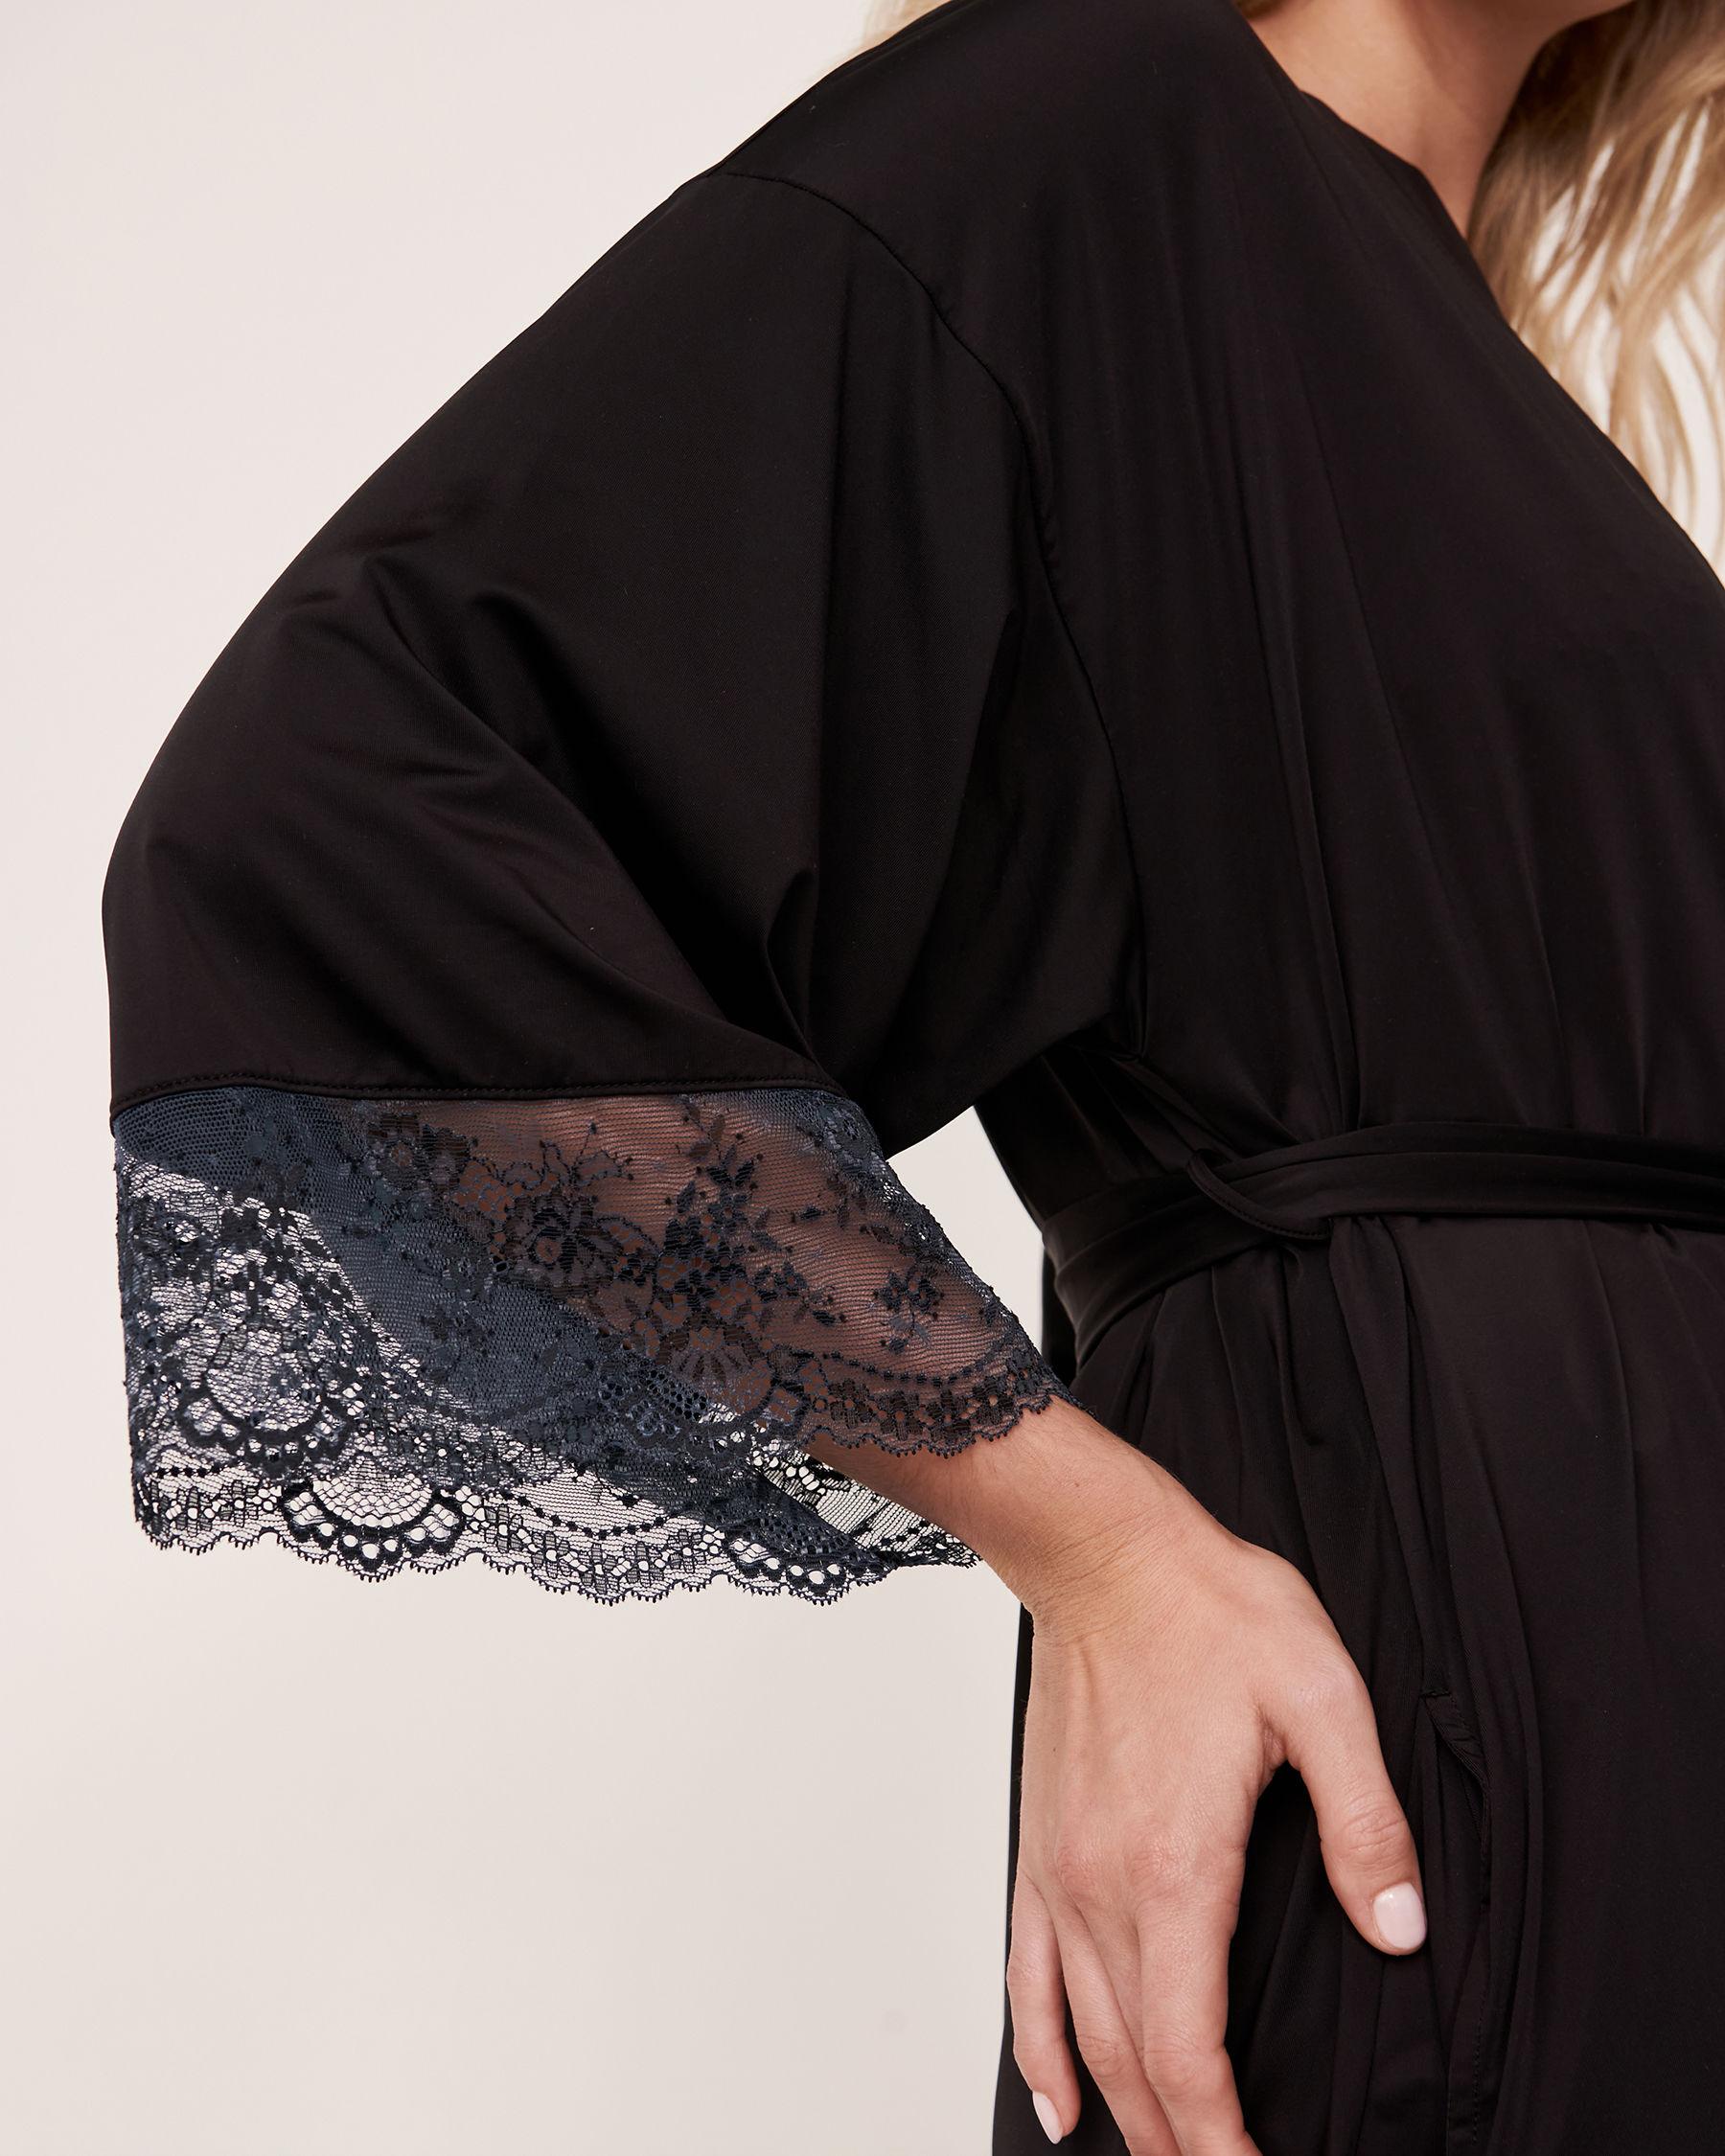 LA VIE EN ROSE Lace Trim Kimono Black 60600005 - View2